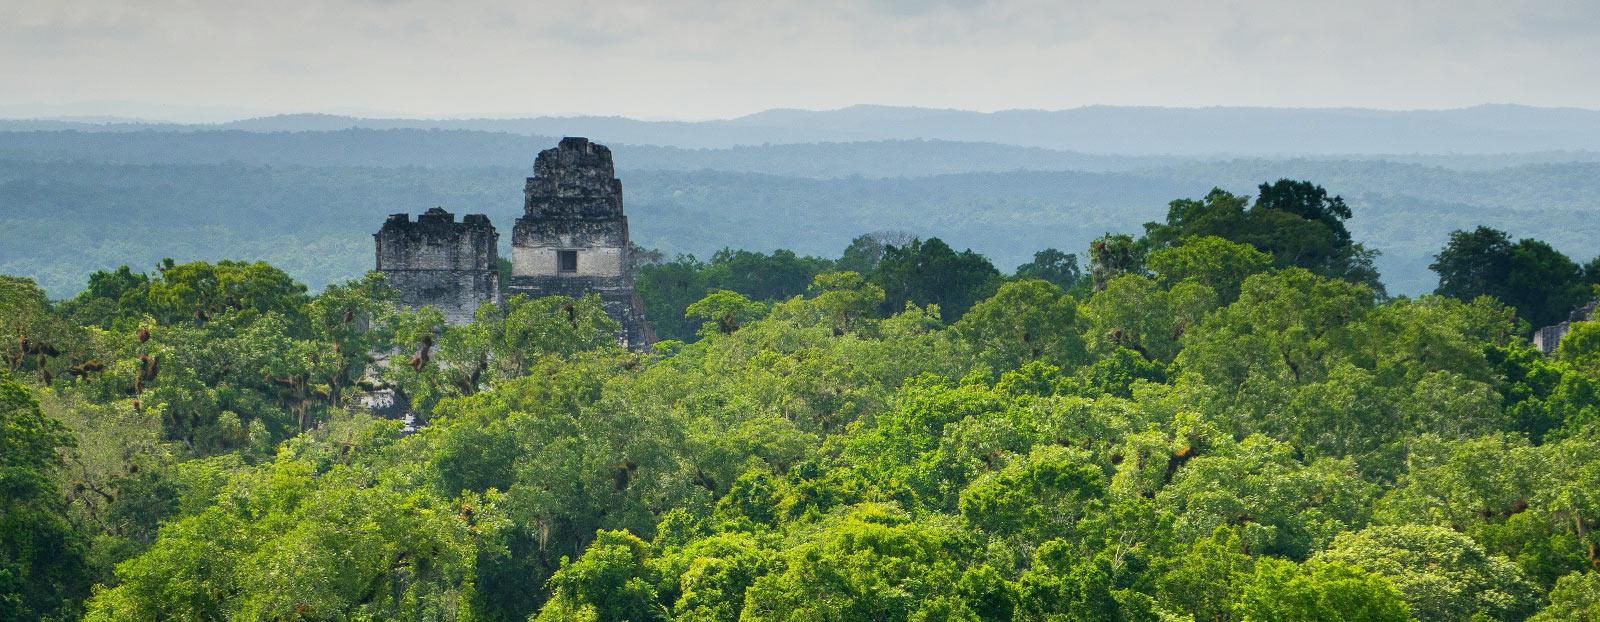 南美洲风景:鳄梨的自然栖息地